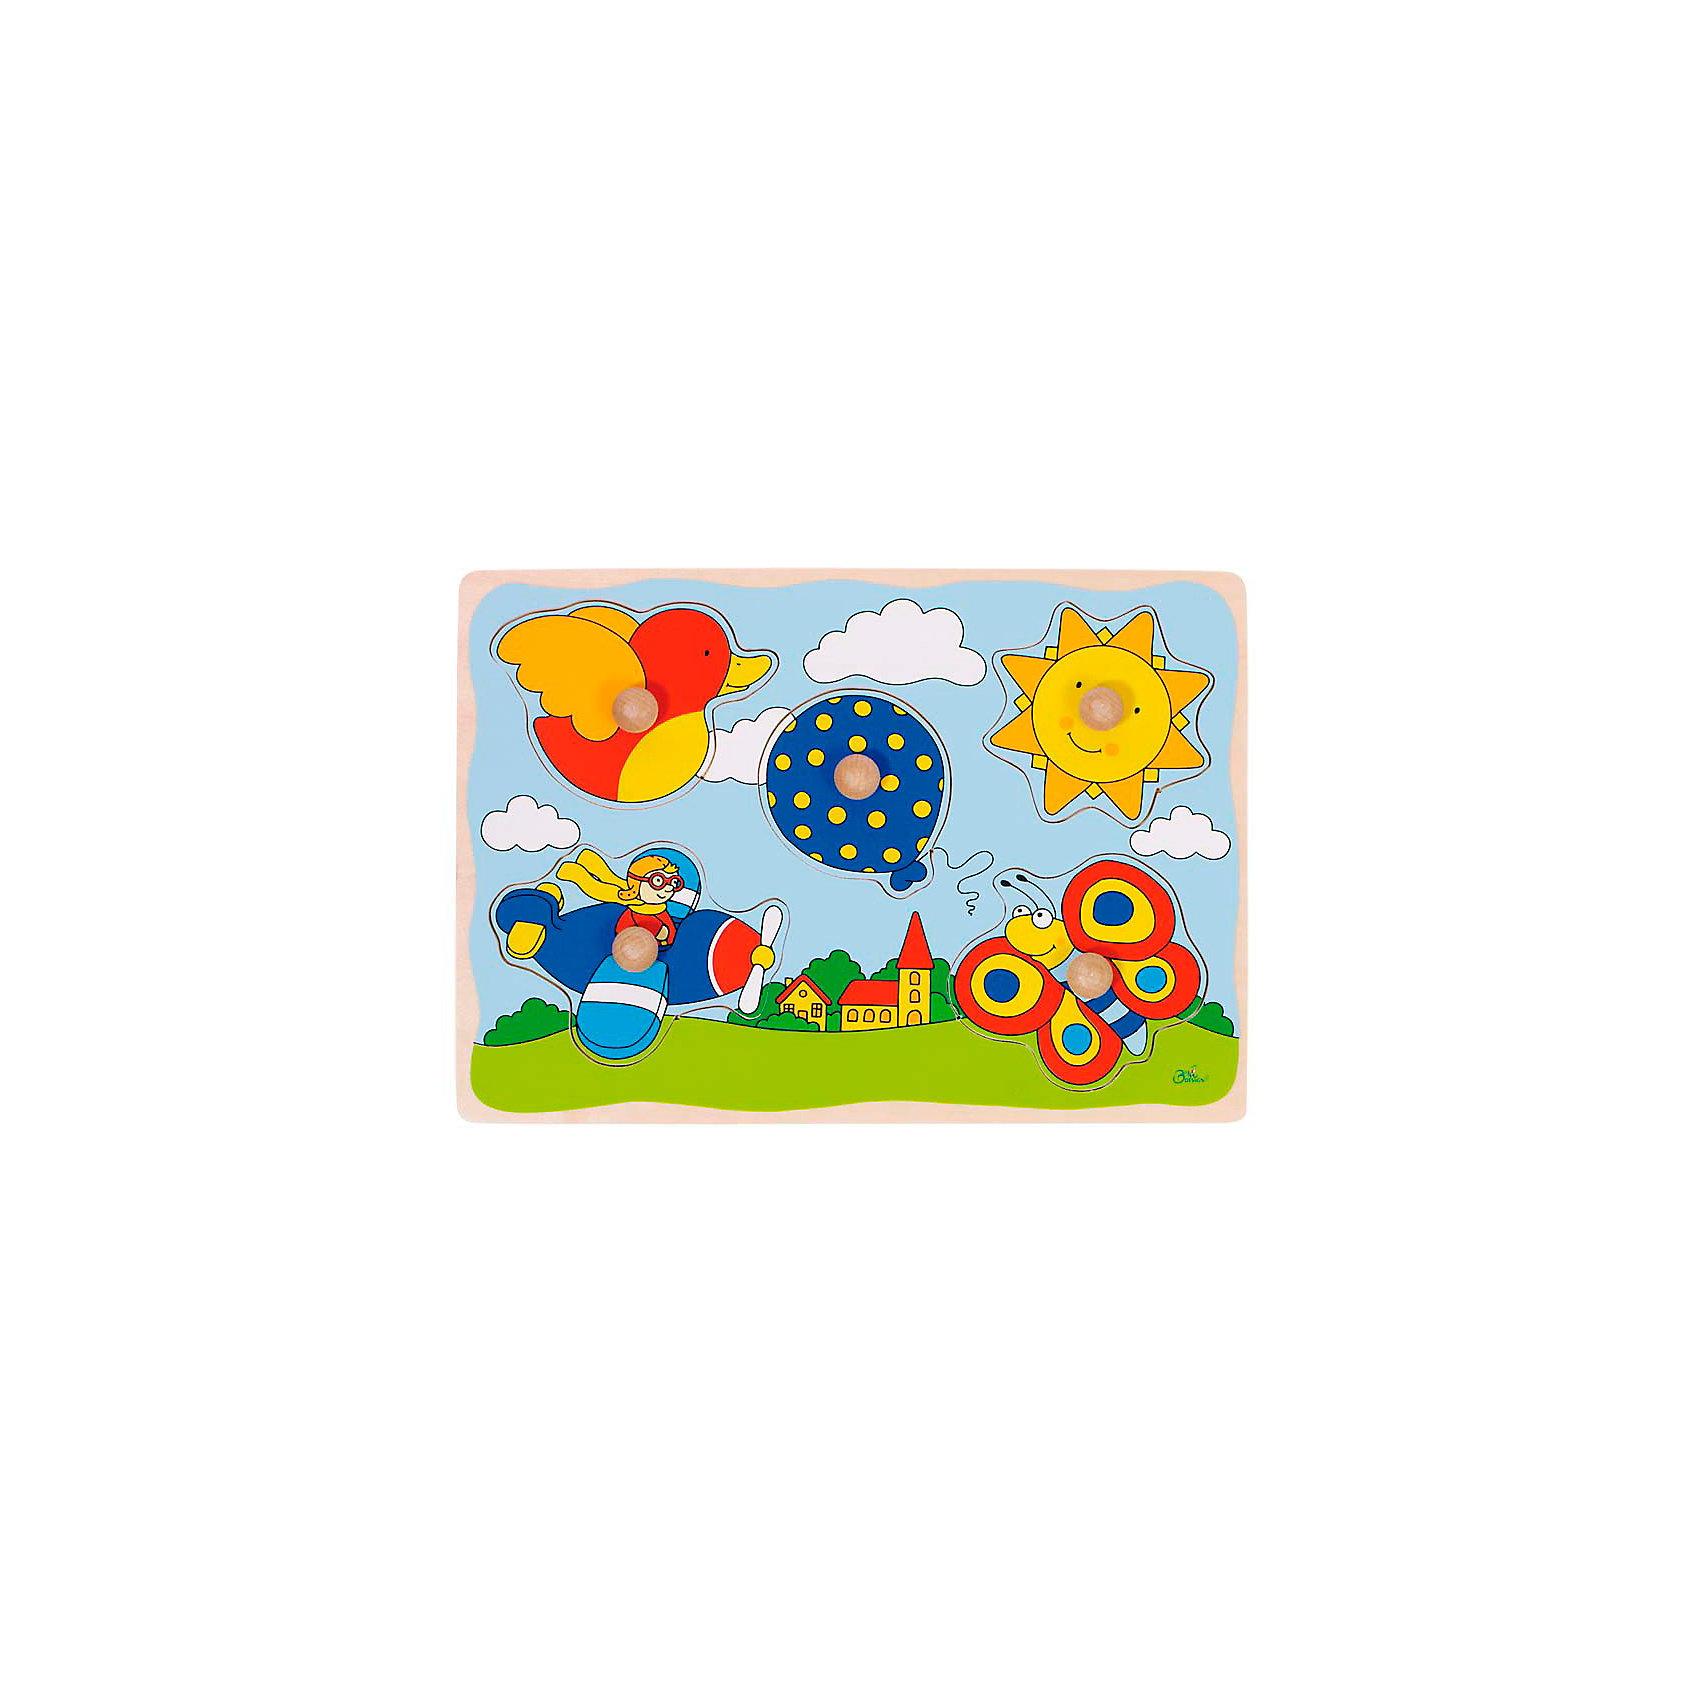 Пазл с держателями В небе, gokiСамый первый пазл малыша с удобными держателями-вкладышами. Четкие знакомые фигуры, яркие цвета и безопасные водные краски-вот преимущества этого пазла.<br><br>В пазле находится 5 фигур: воздушный шарик, солнышко, бабочка, утка, самолетик.<br><br>Дополнительная информация:<br><br>- Материалы: дерево<br>- Размер: 30 х 21 см<br><br>Рамки-вкладыши В небе, goki (гоки) можно купить в нашем магазине.<br><br>Ширина мм: 300<br>Глубина мм: 210<br>Высота мм: 20<br>Вес г: 312<br>Возраст от месяцев: 24<br>Возраст до месяцев: 48<br>Пол: Унисекс<br>Возраст: Детский<br>SKU: 2411586